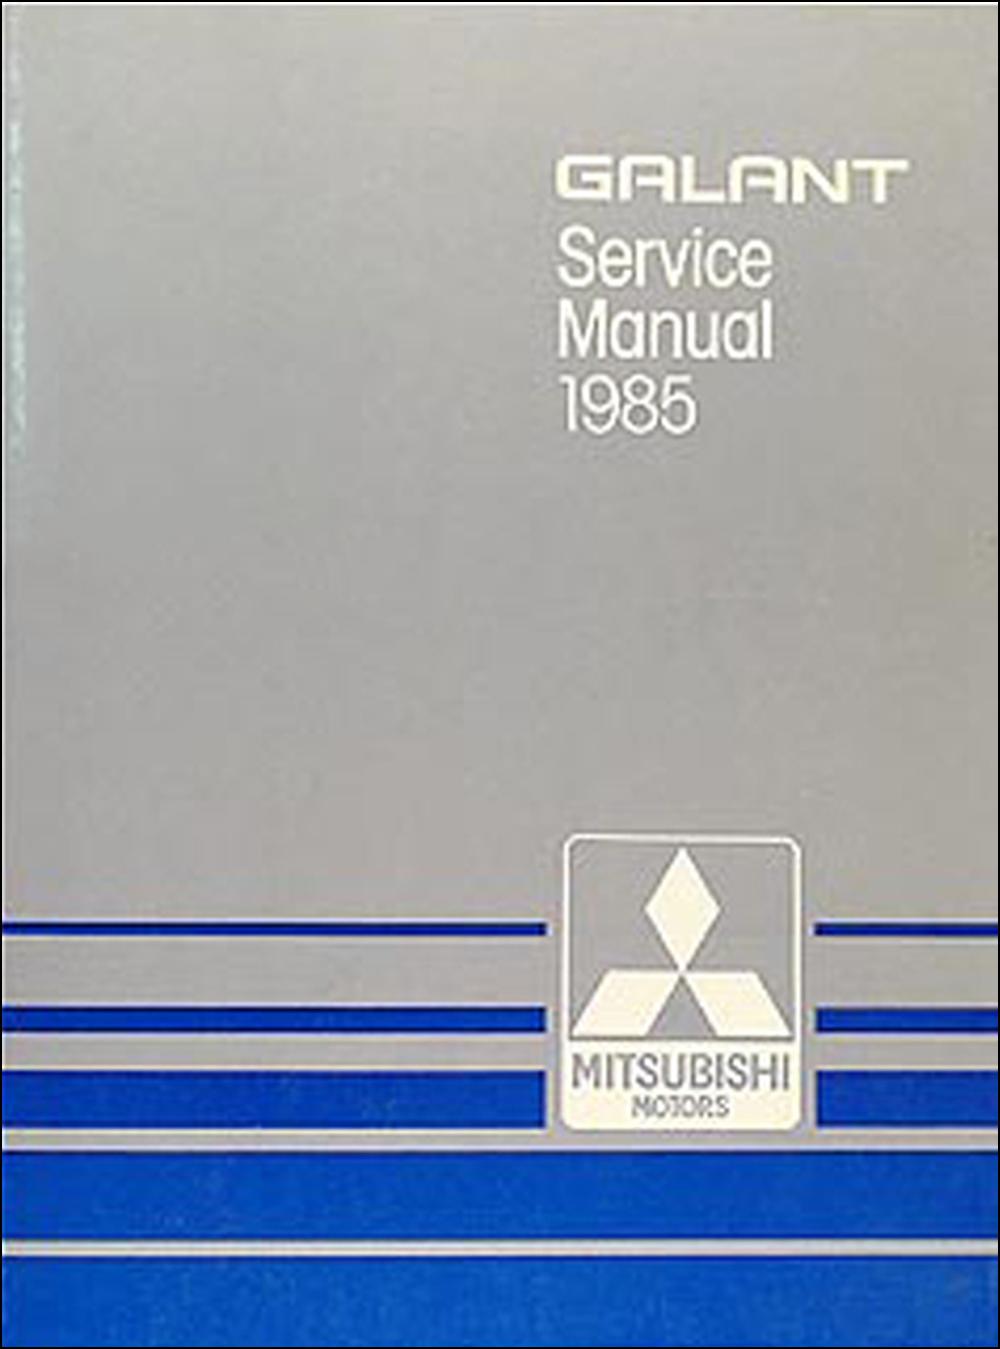 medium resolution of 1985 mitsubishi galant repair manual original